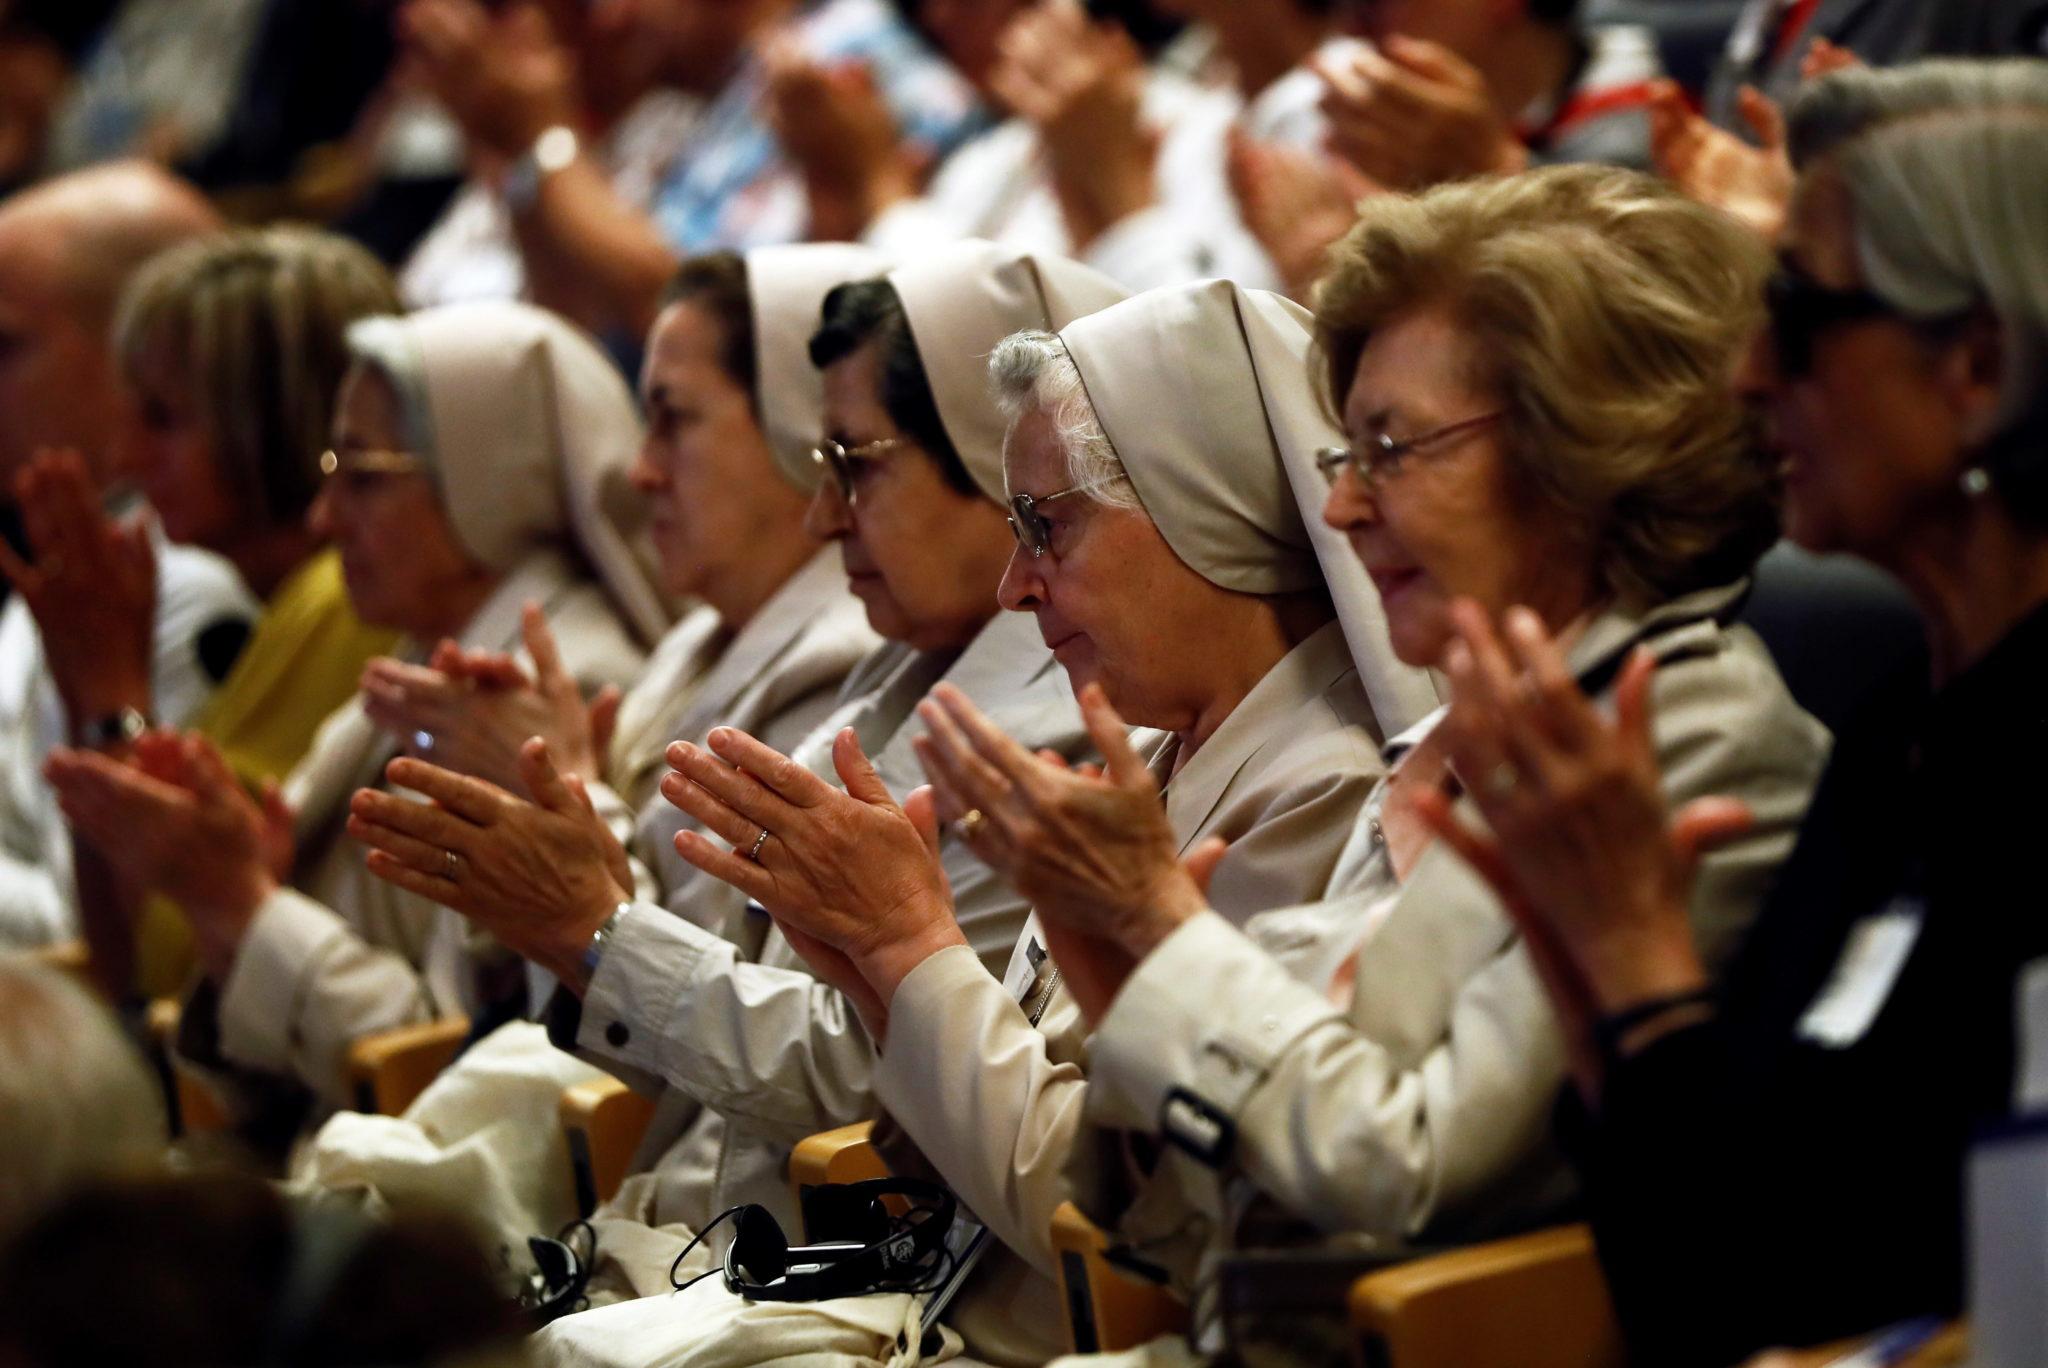 Konferencja o dialogu międzyreligijnym w Hiszpanii zgromadziła wiele duchownych i  osób konsekrowanych. fot. EPA/MARISCAL